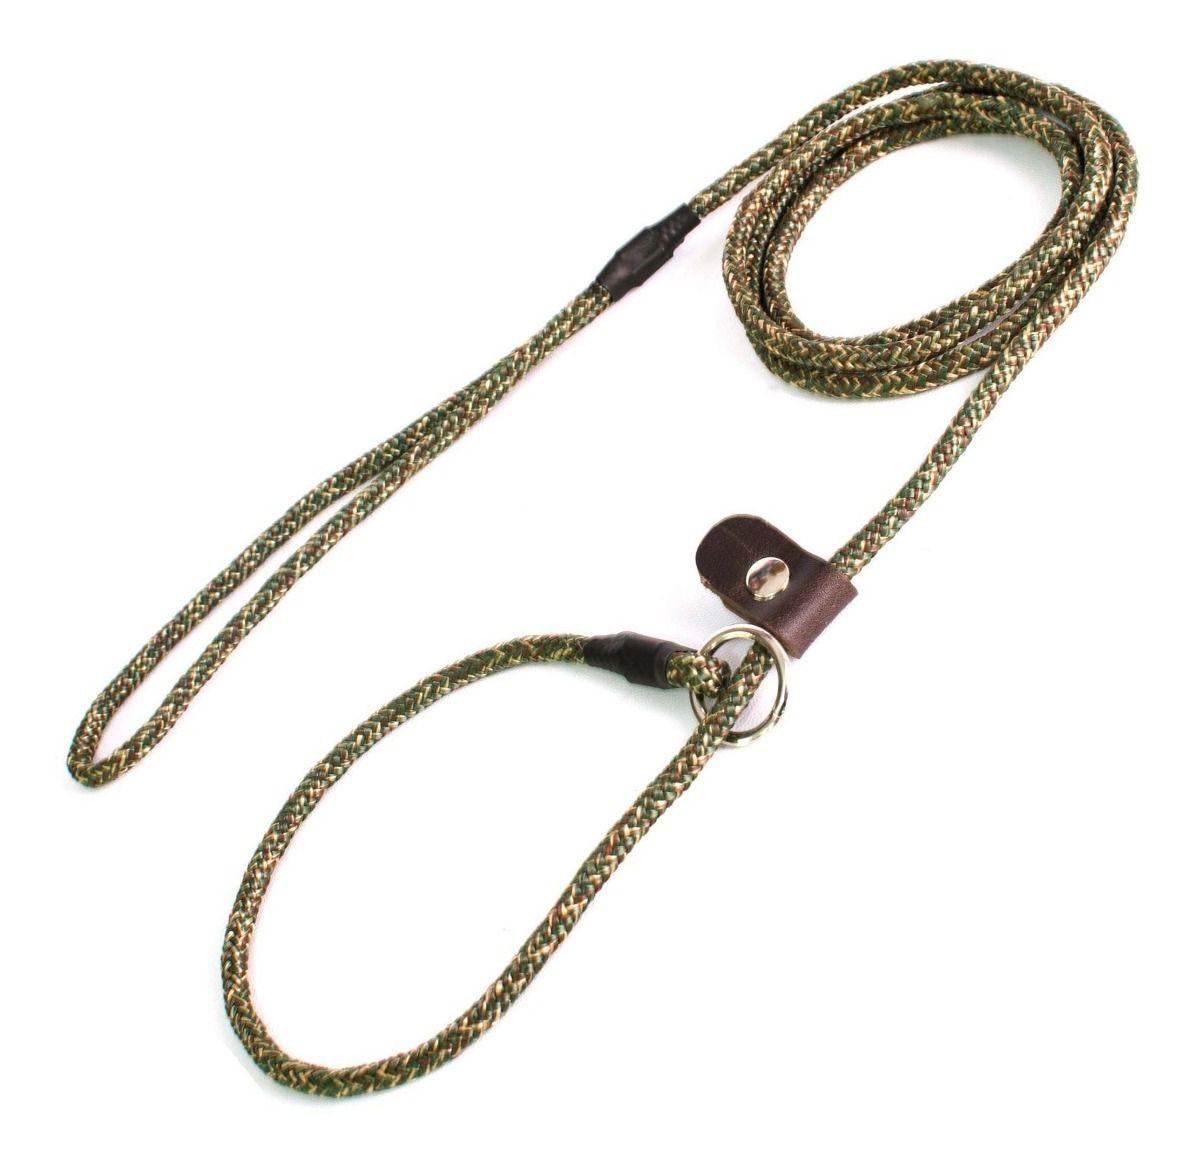 Guia Unificada 6mm Coleira Enforcador Cão Adestramento - Verde Camuflado